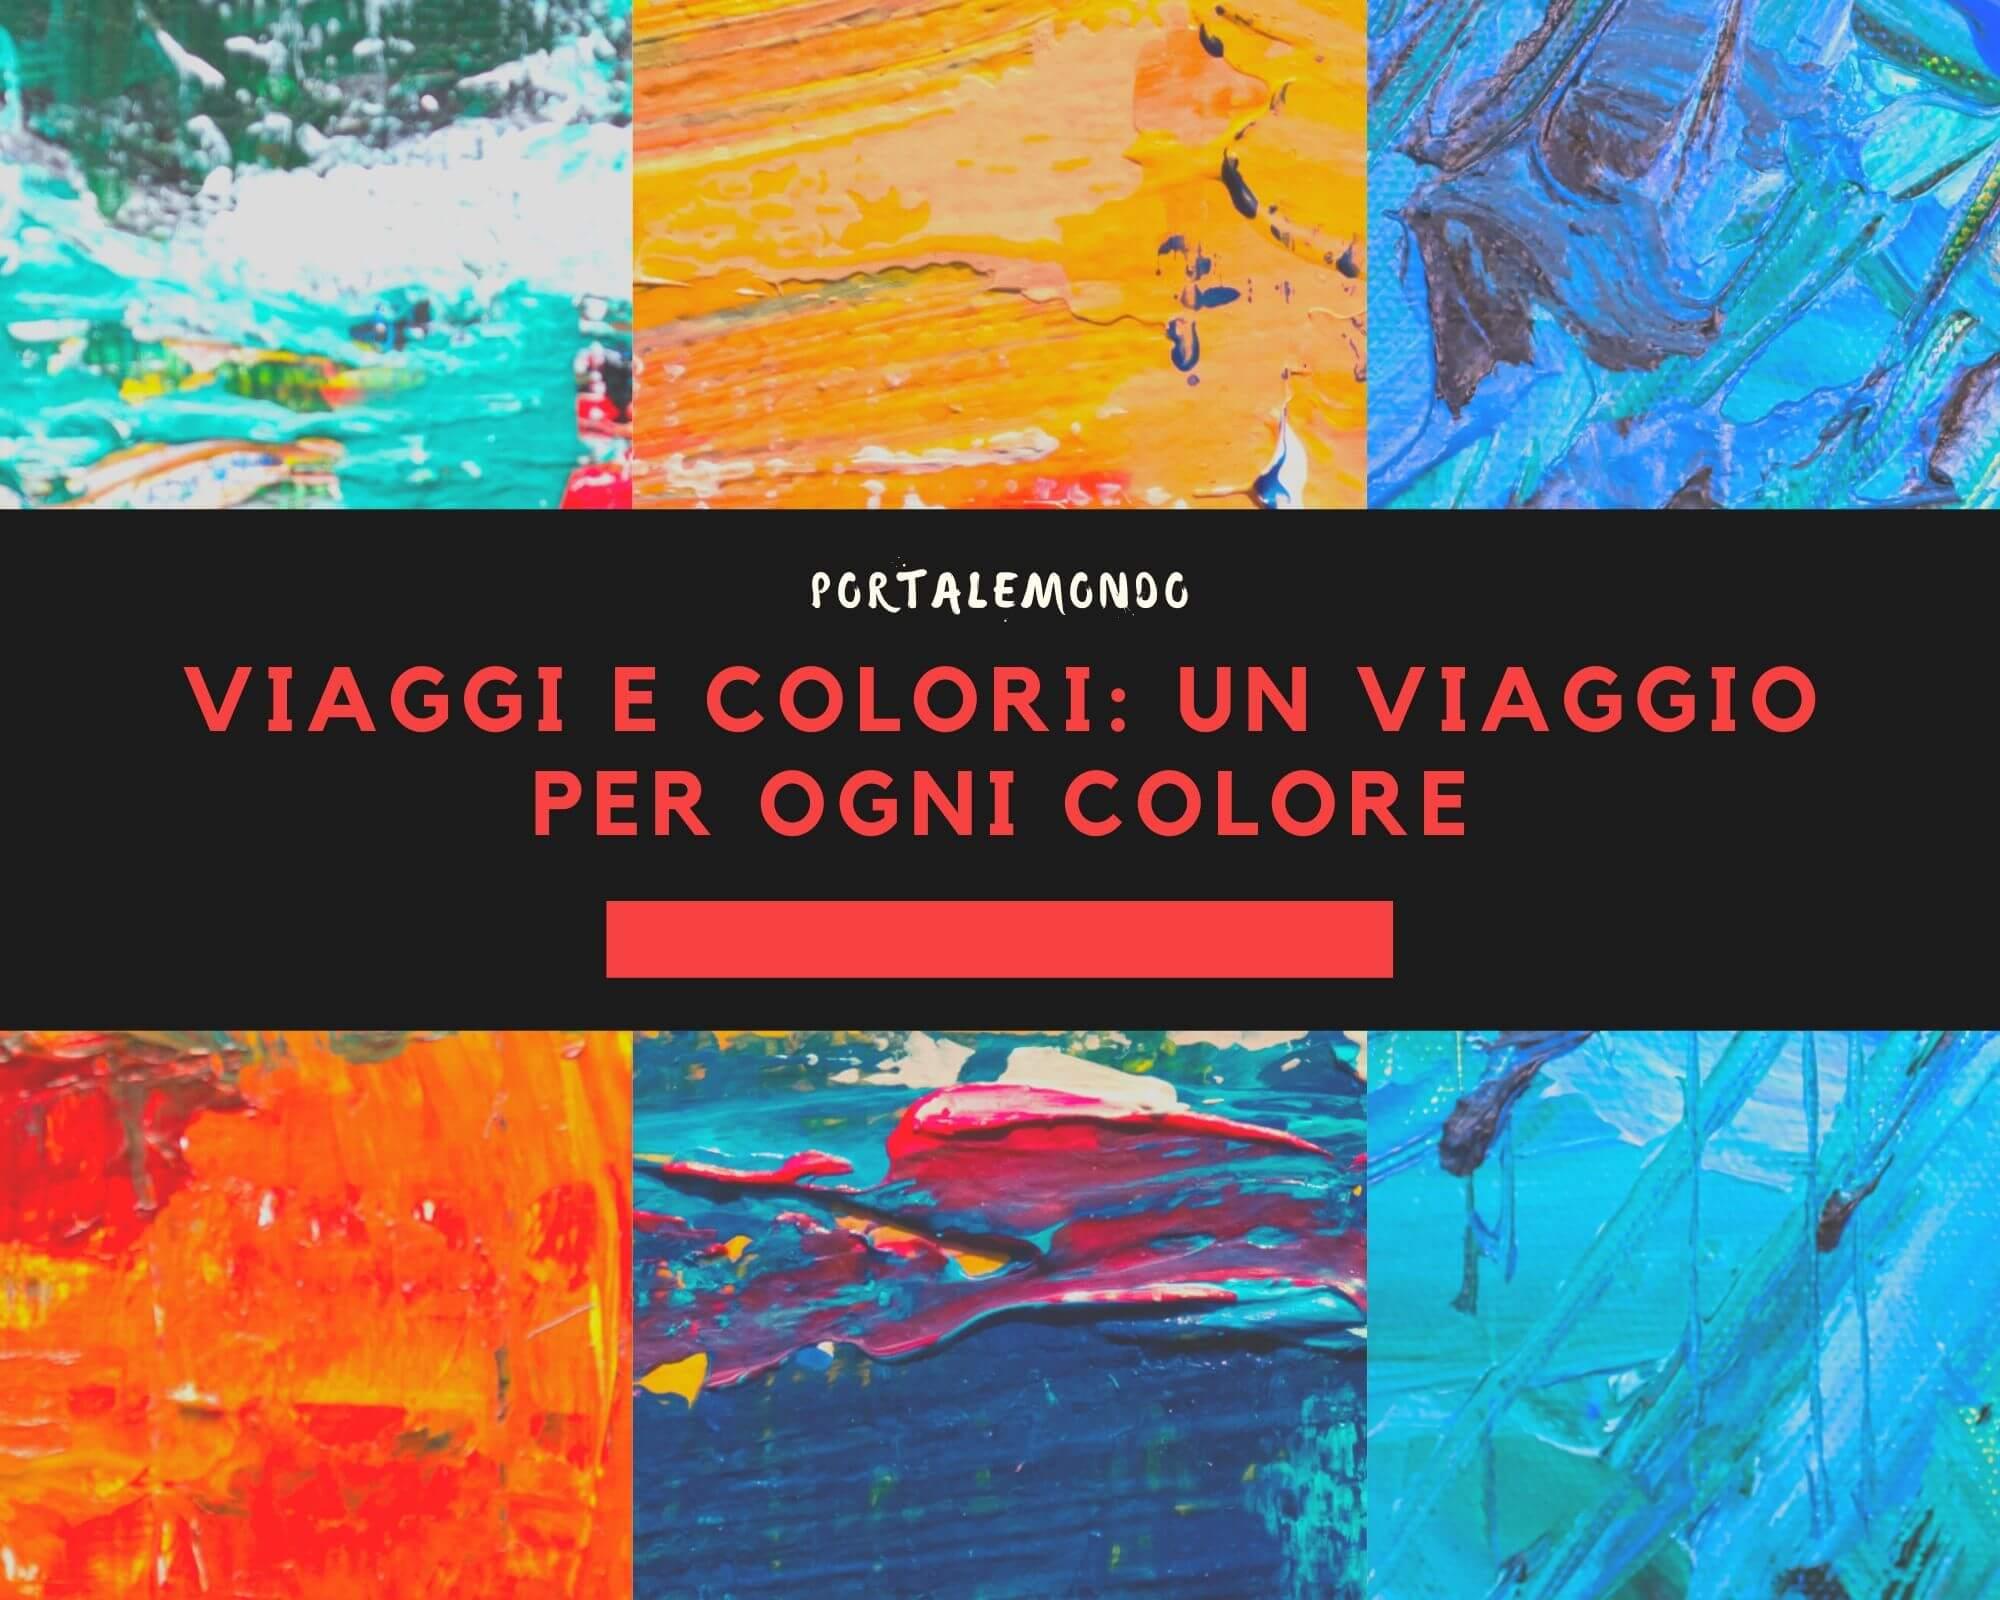 Viaggi e colori: un viaggio per ogni colore